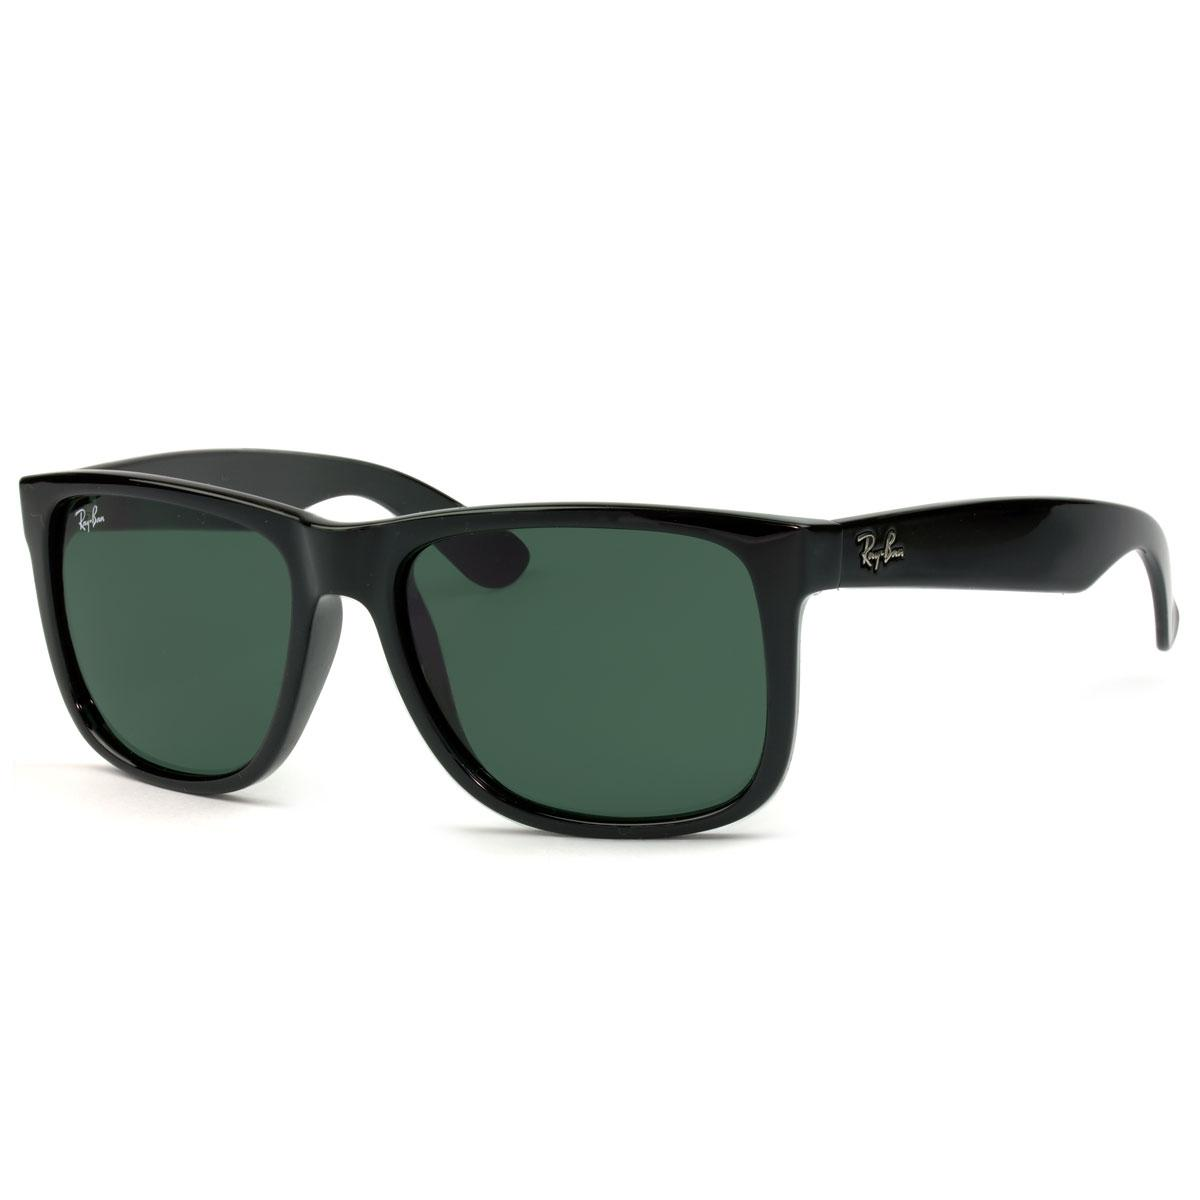 3fa1fe5a6524e Óculos de Sol Ray-Ban Justin RB4165L 601 71 55 R  449,65 à vista. Adicionar  à sacola